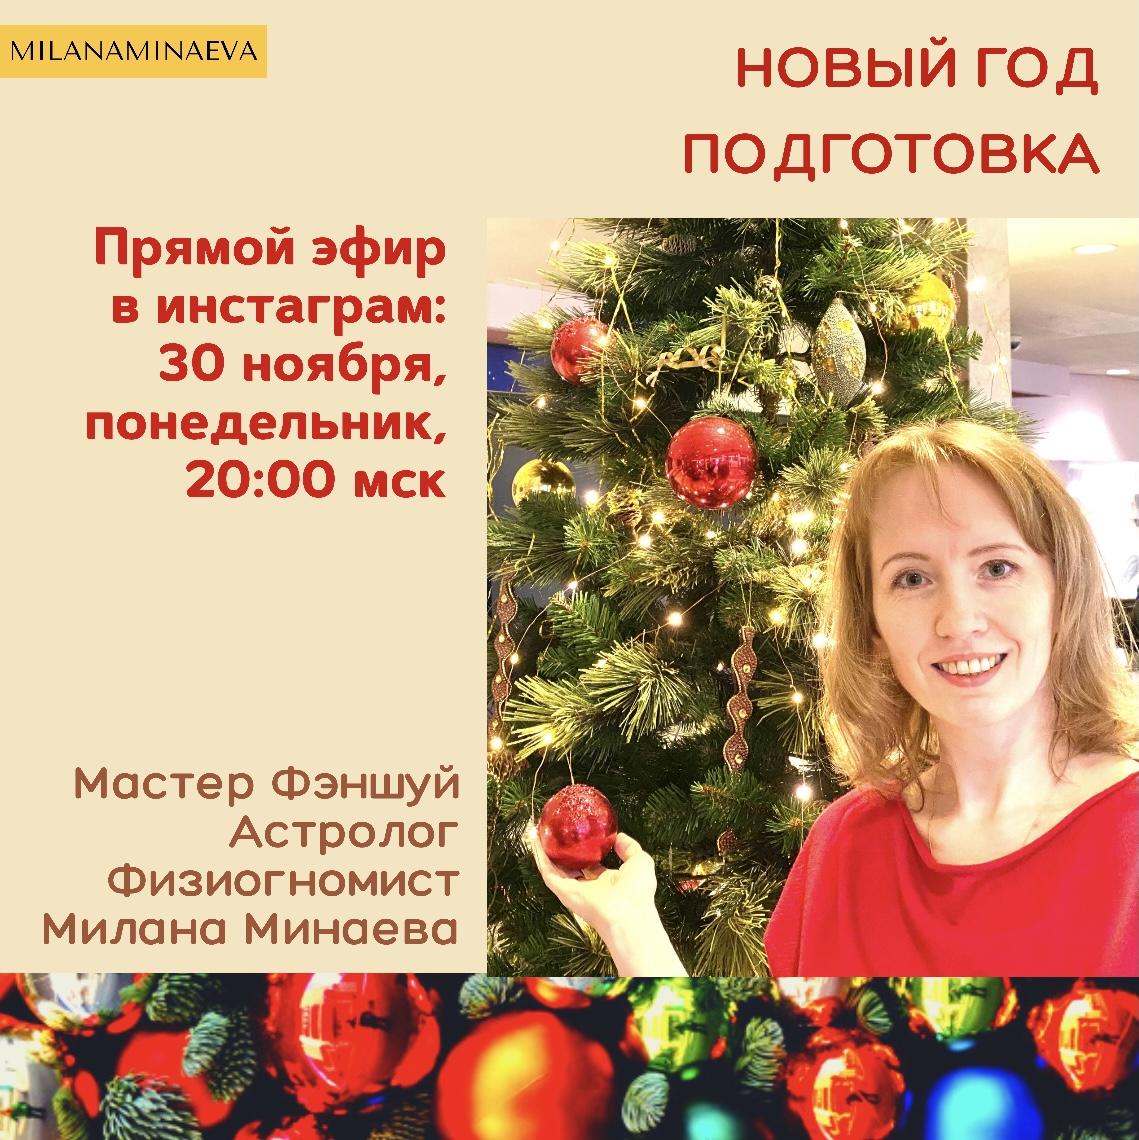 Новый год с Миланой Минаевой - подготовка - Milana.Ru